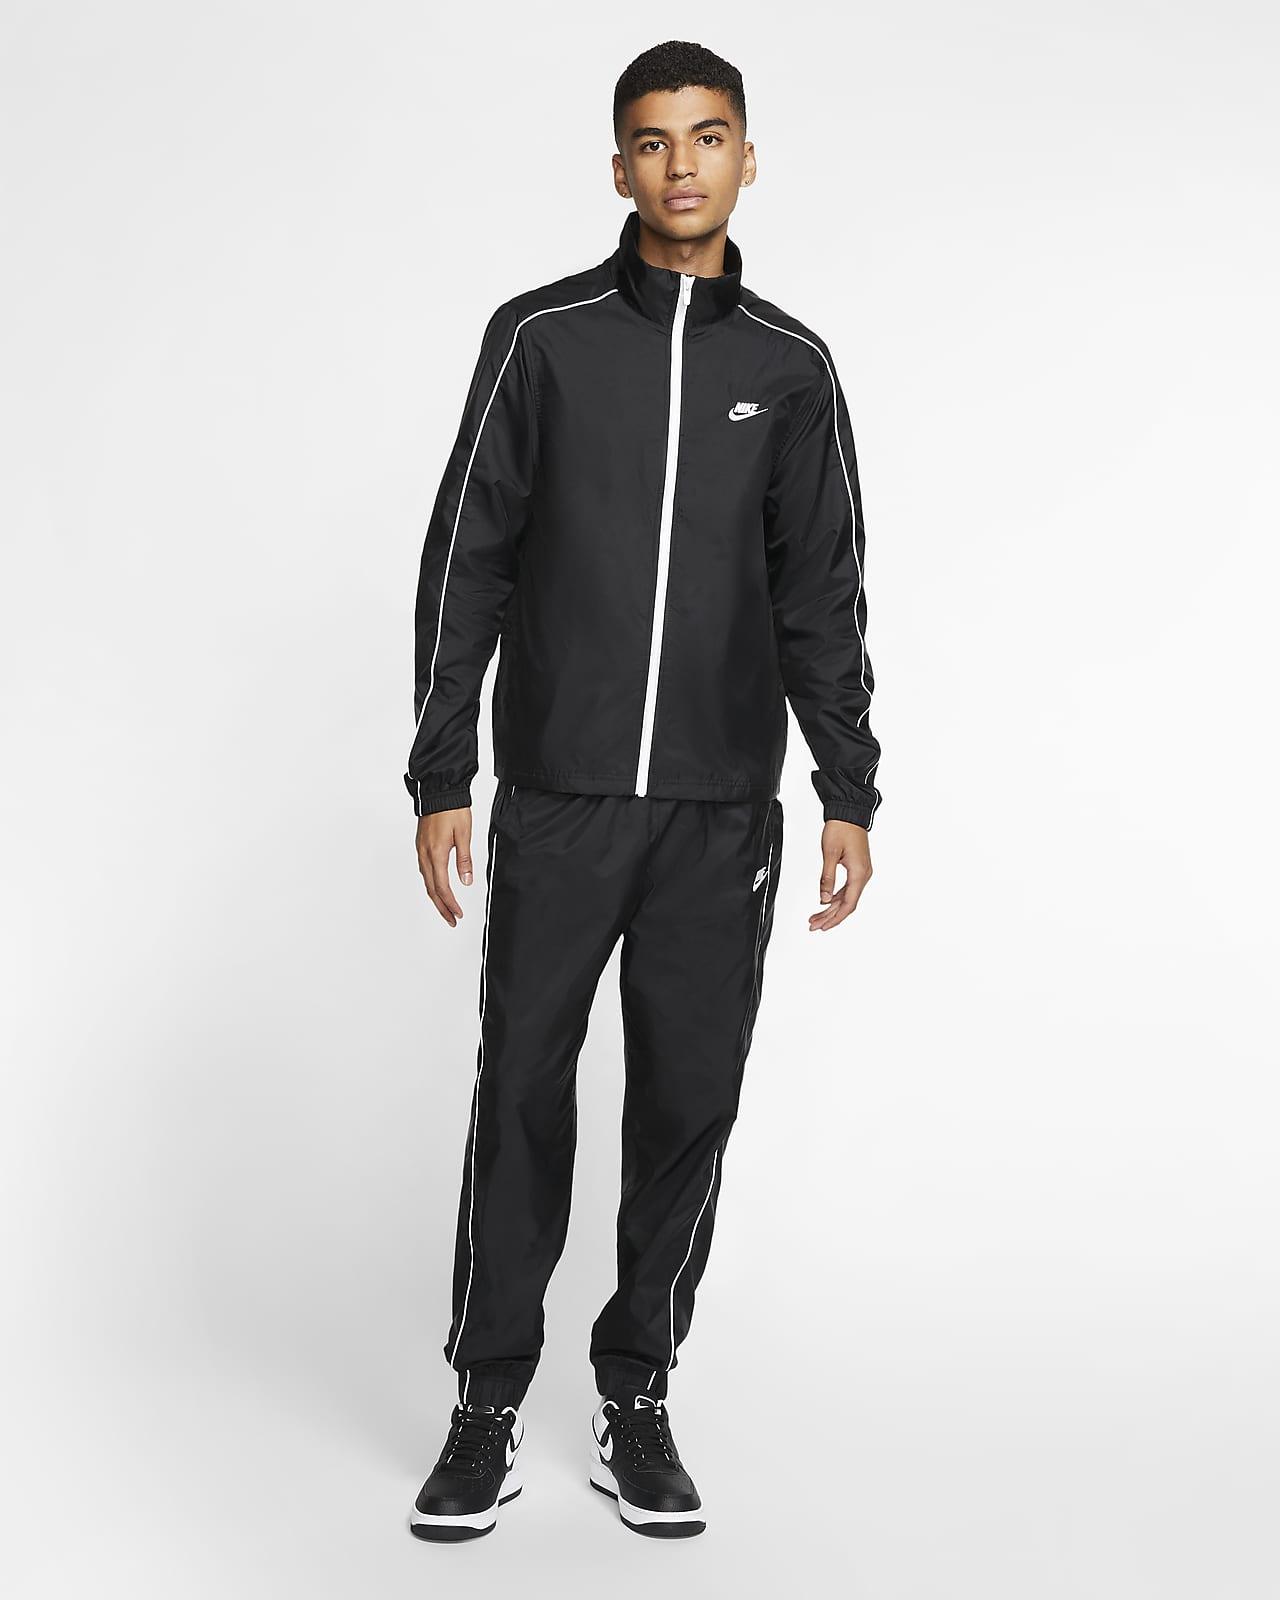 Nike Sportswear Men's Woven Tracksuit